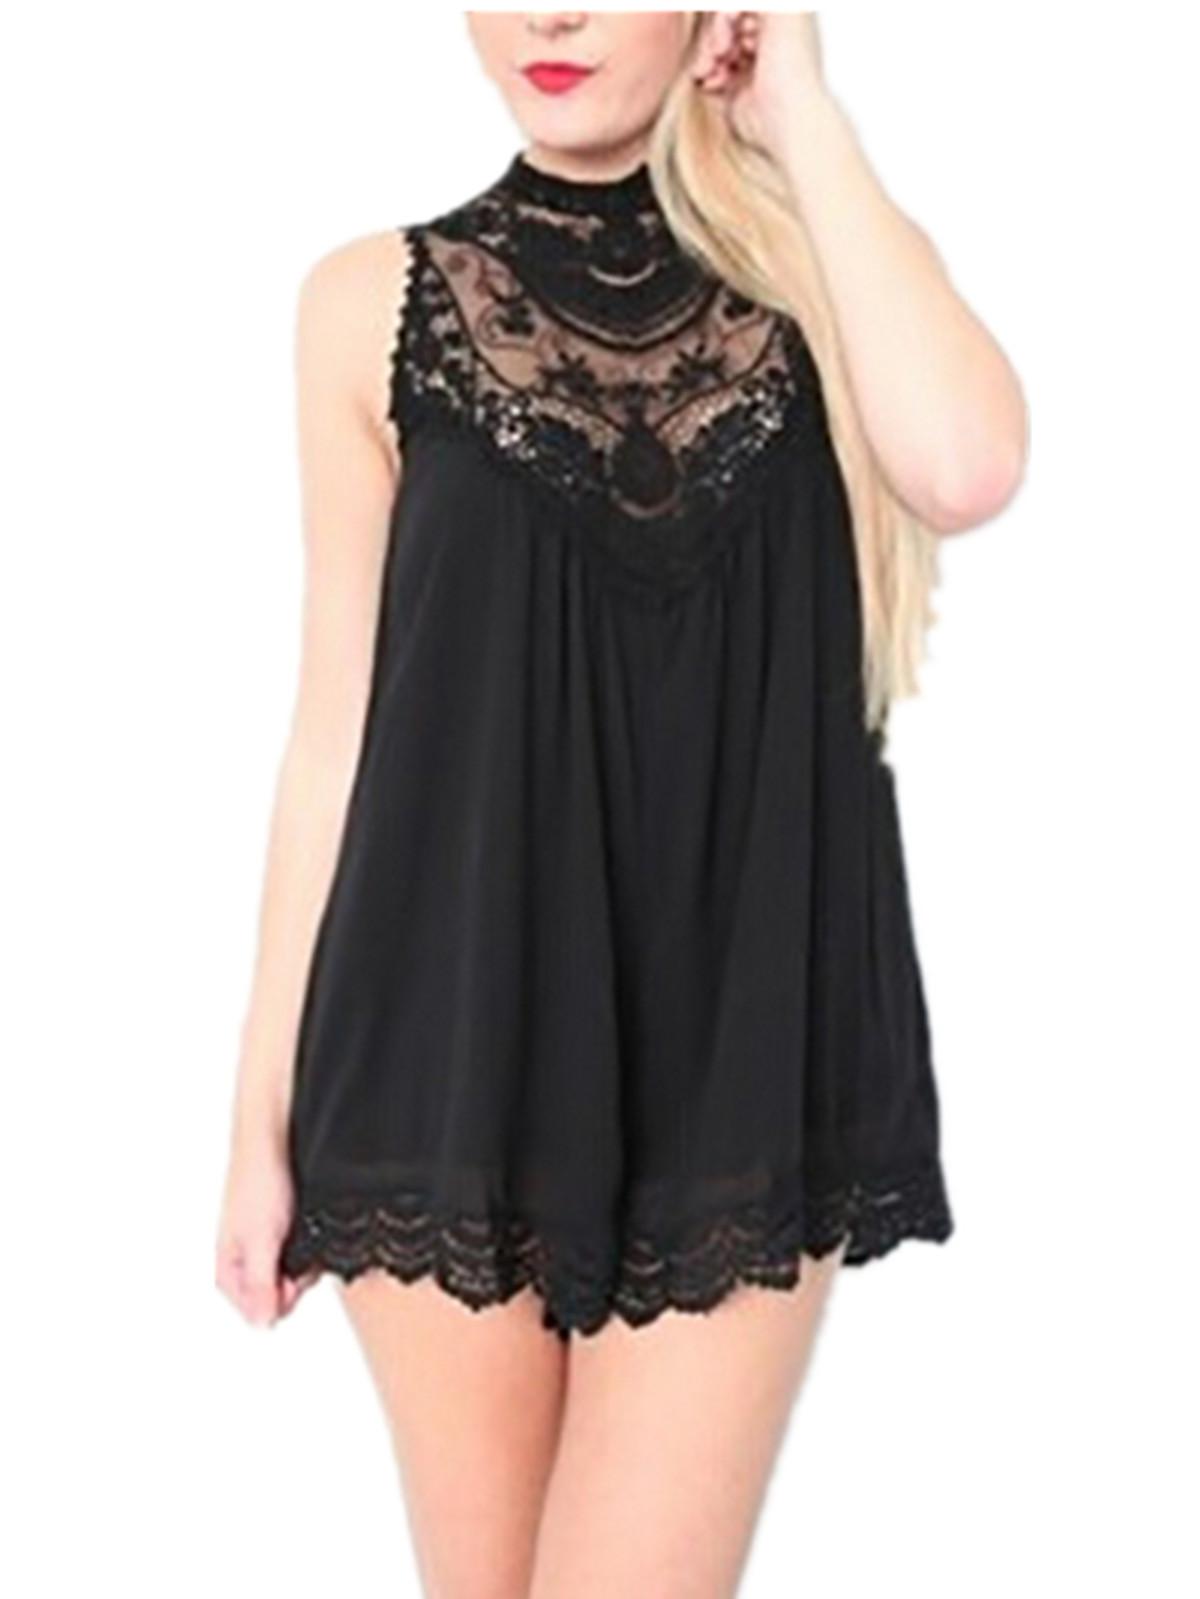 zanzea Lace Crochet Chiffon Mini Dress (Black)